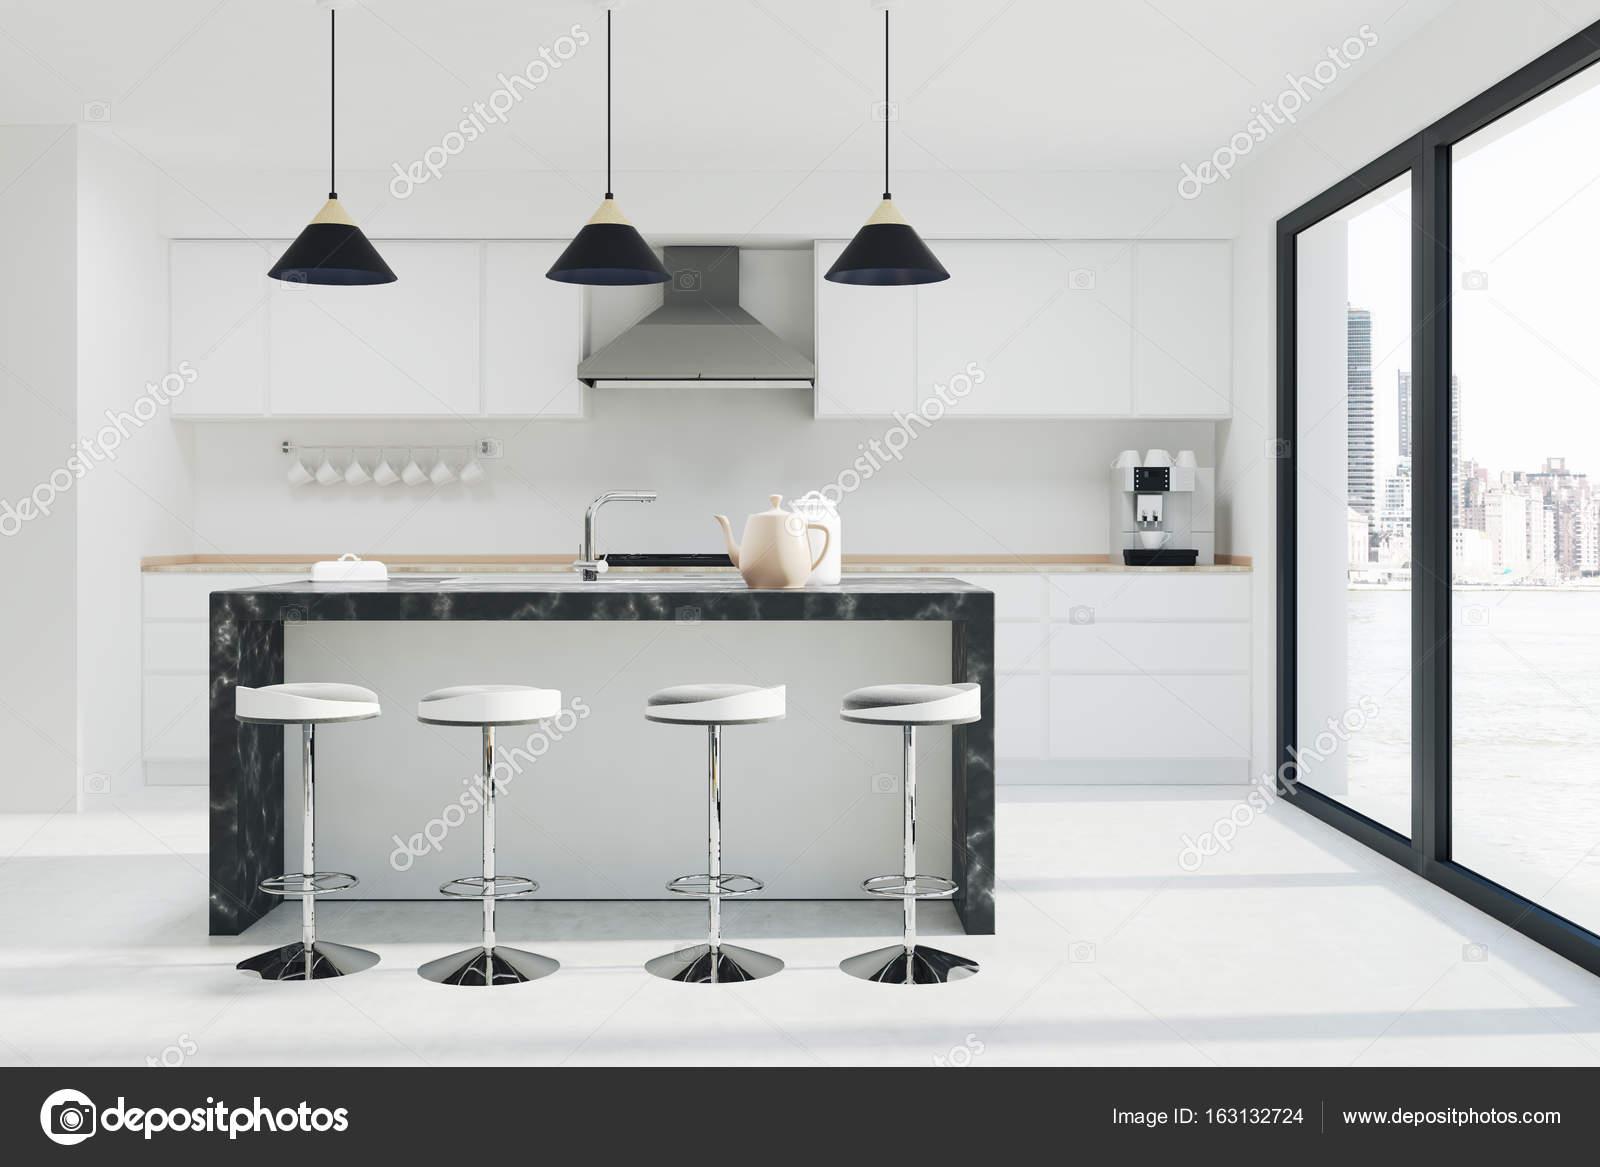 Cocina blanca interior y oscuro bar de mármol de — Foto de stock ...